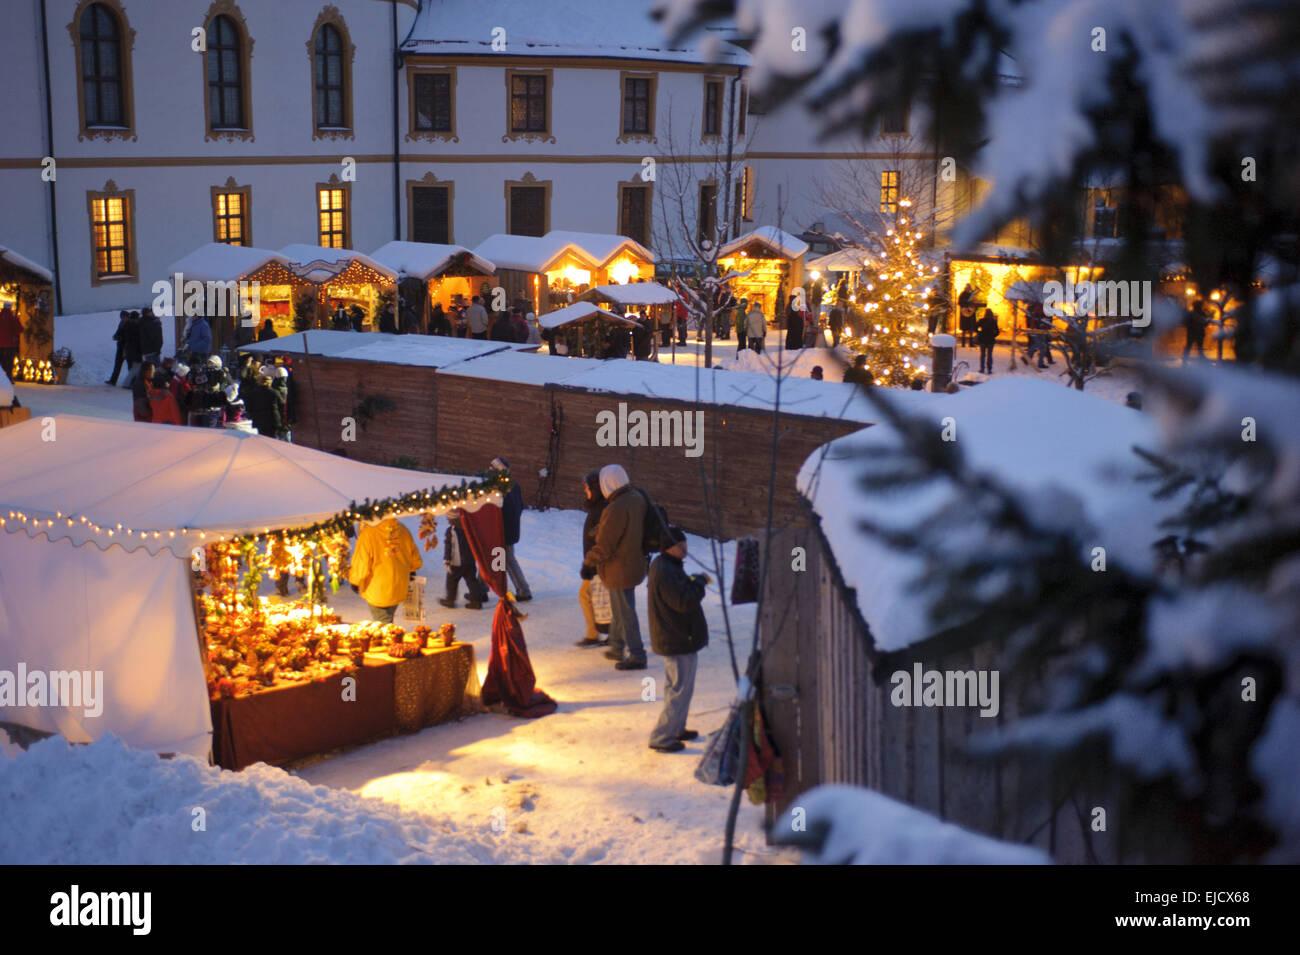 Marché de Noël en Bavière, Allemagne Photo Stock